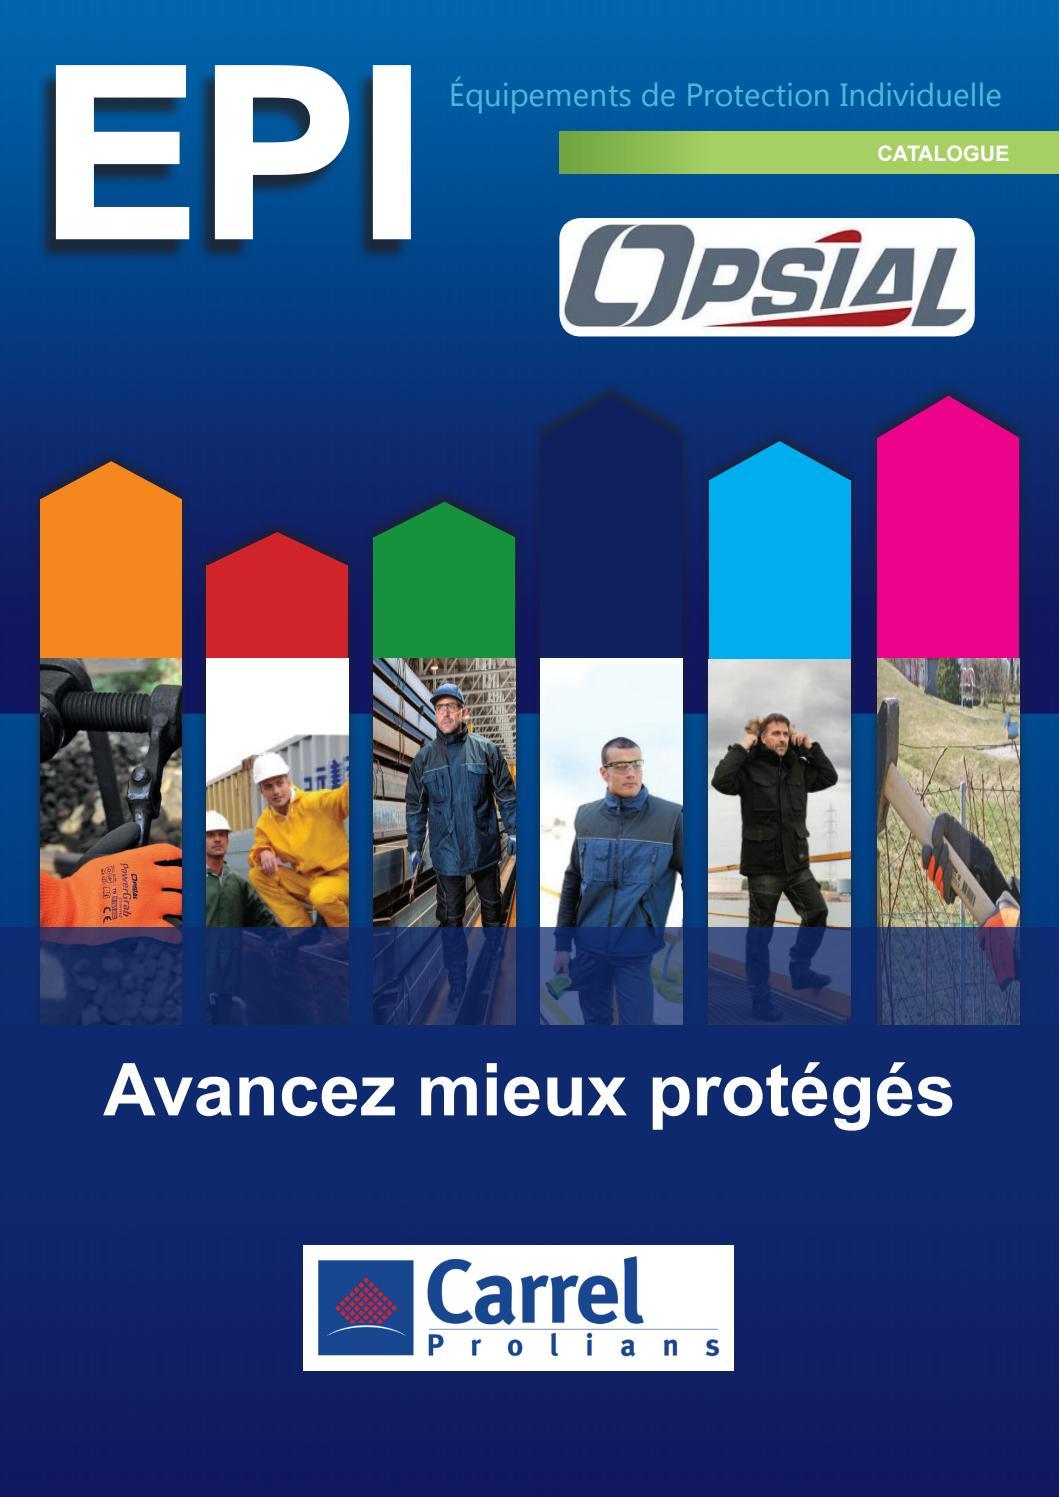 Catalogue By Issuu Carrel Carrelyverdon Opsial Epi Ed2ywhi9